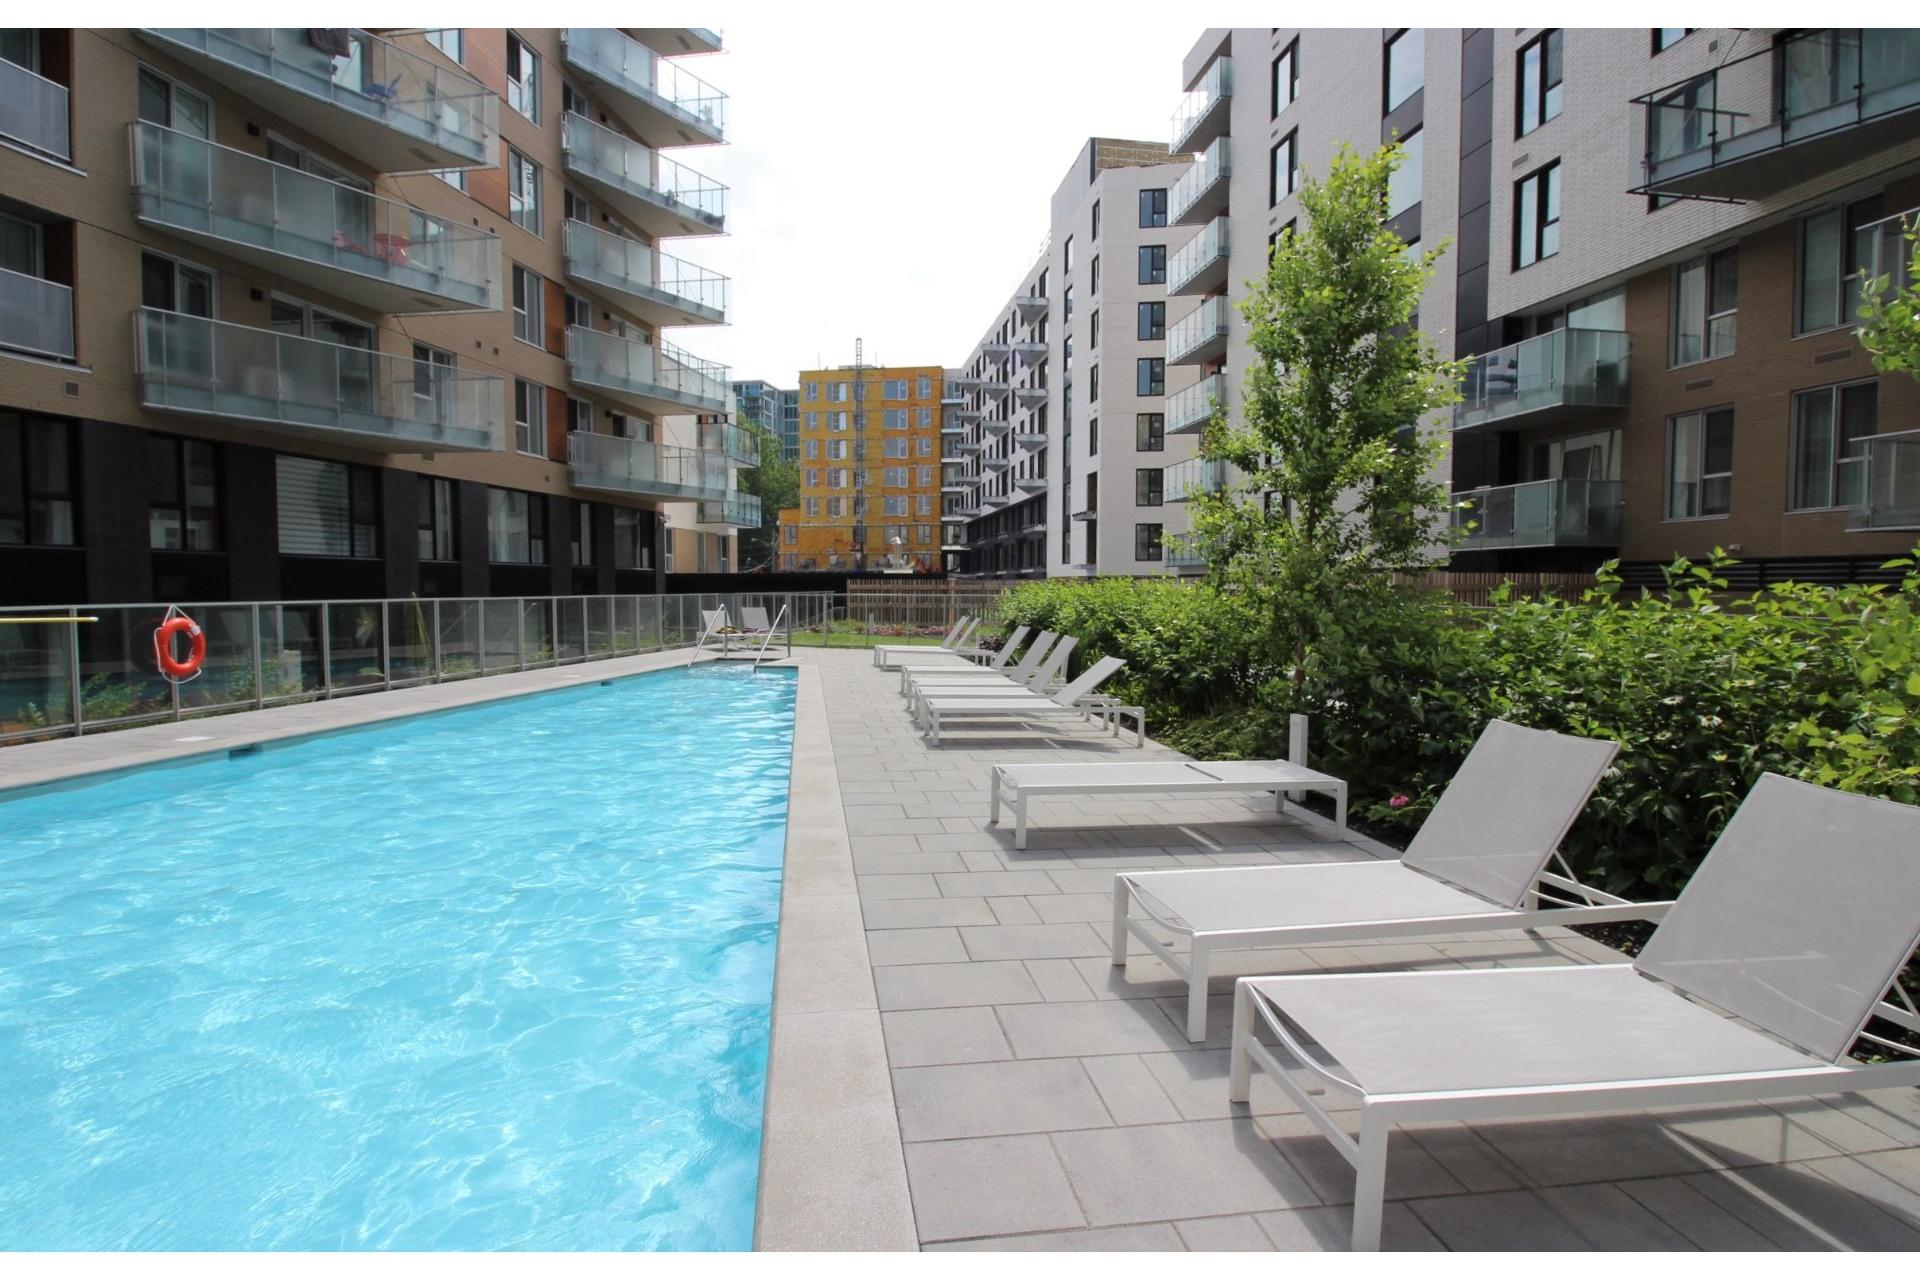 image 11 - Appartement À louer Montréal Le Sud-Ouest  - 4 pièces